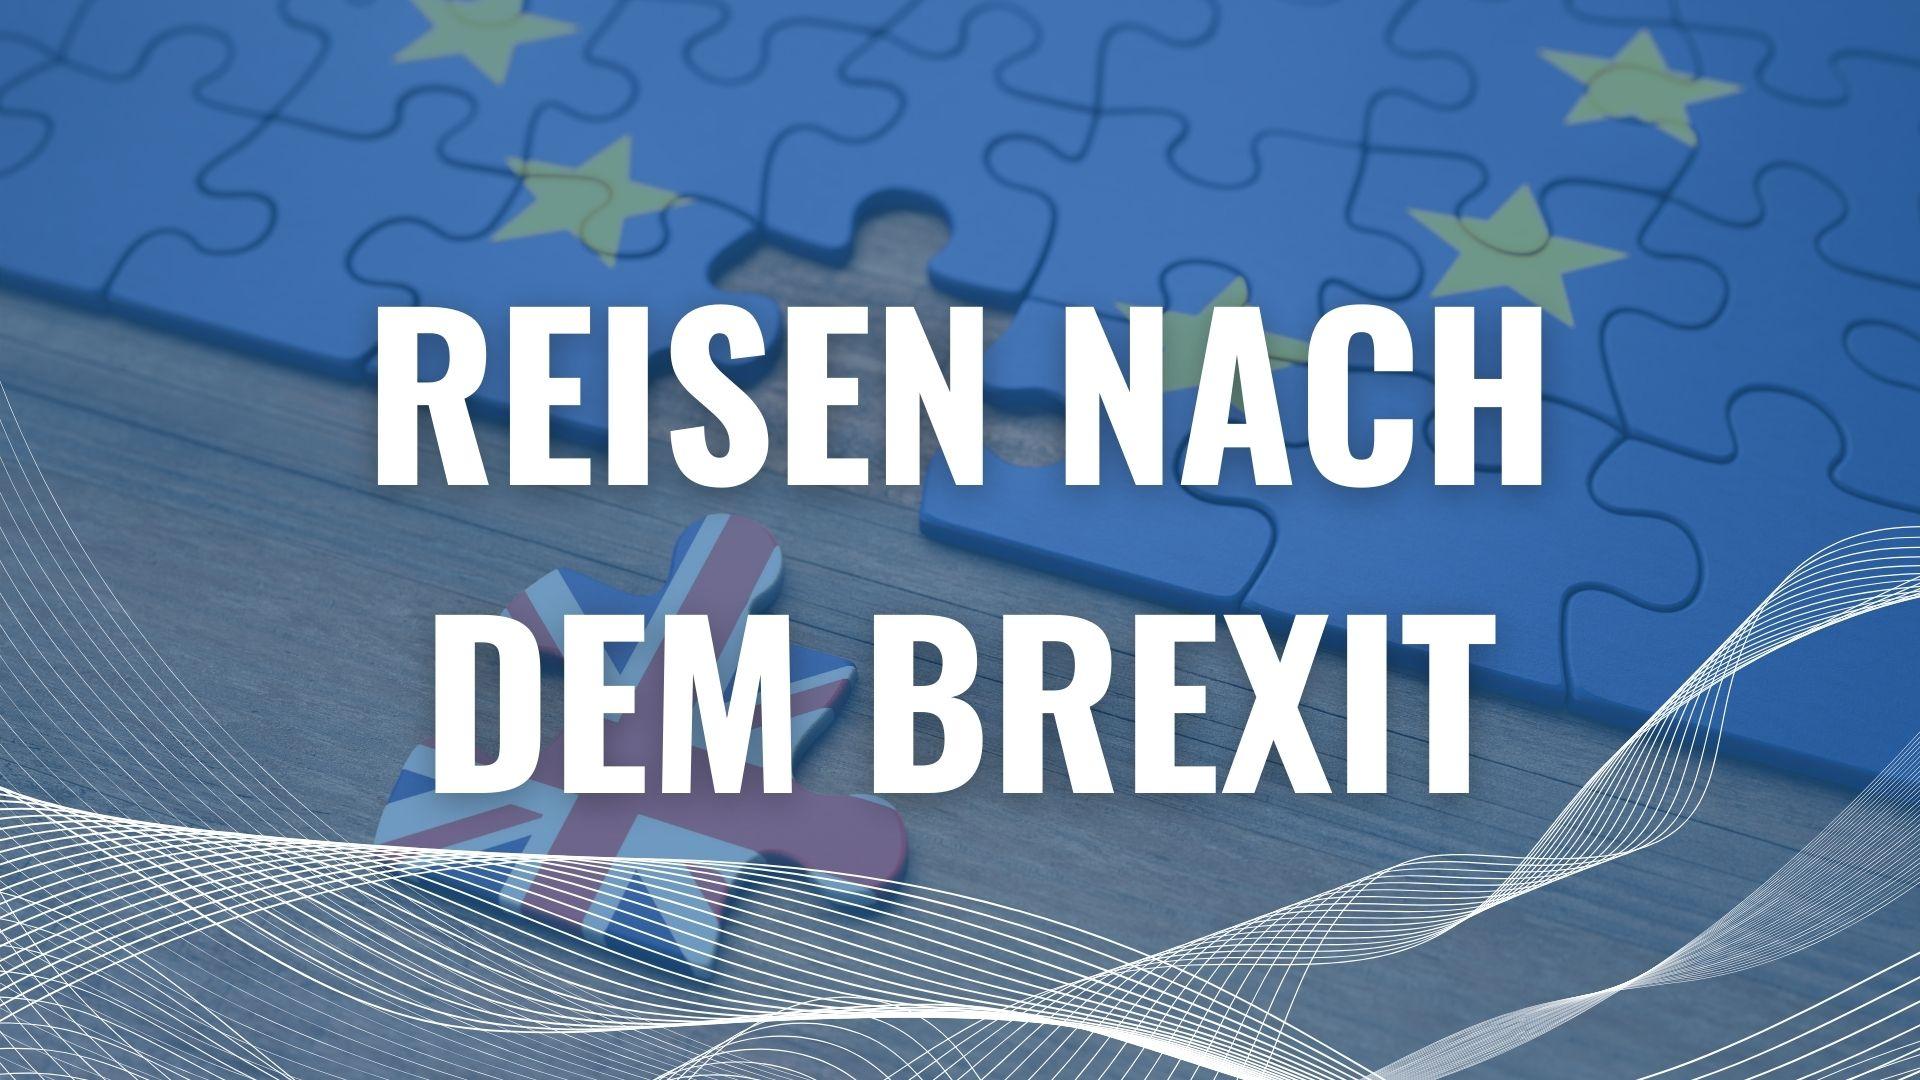 Reisen nach dem Brexit